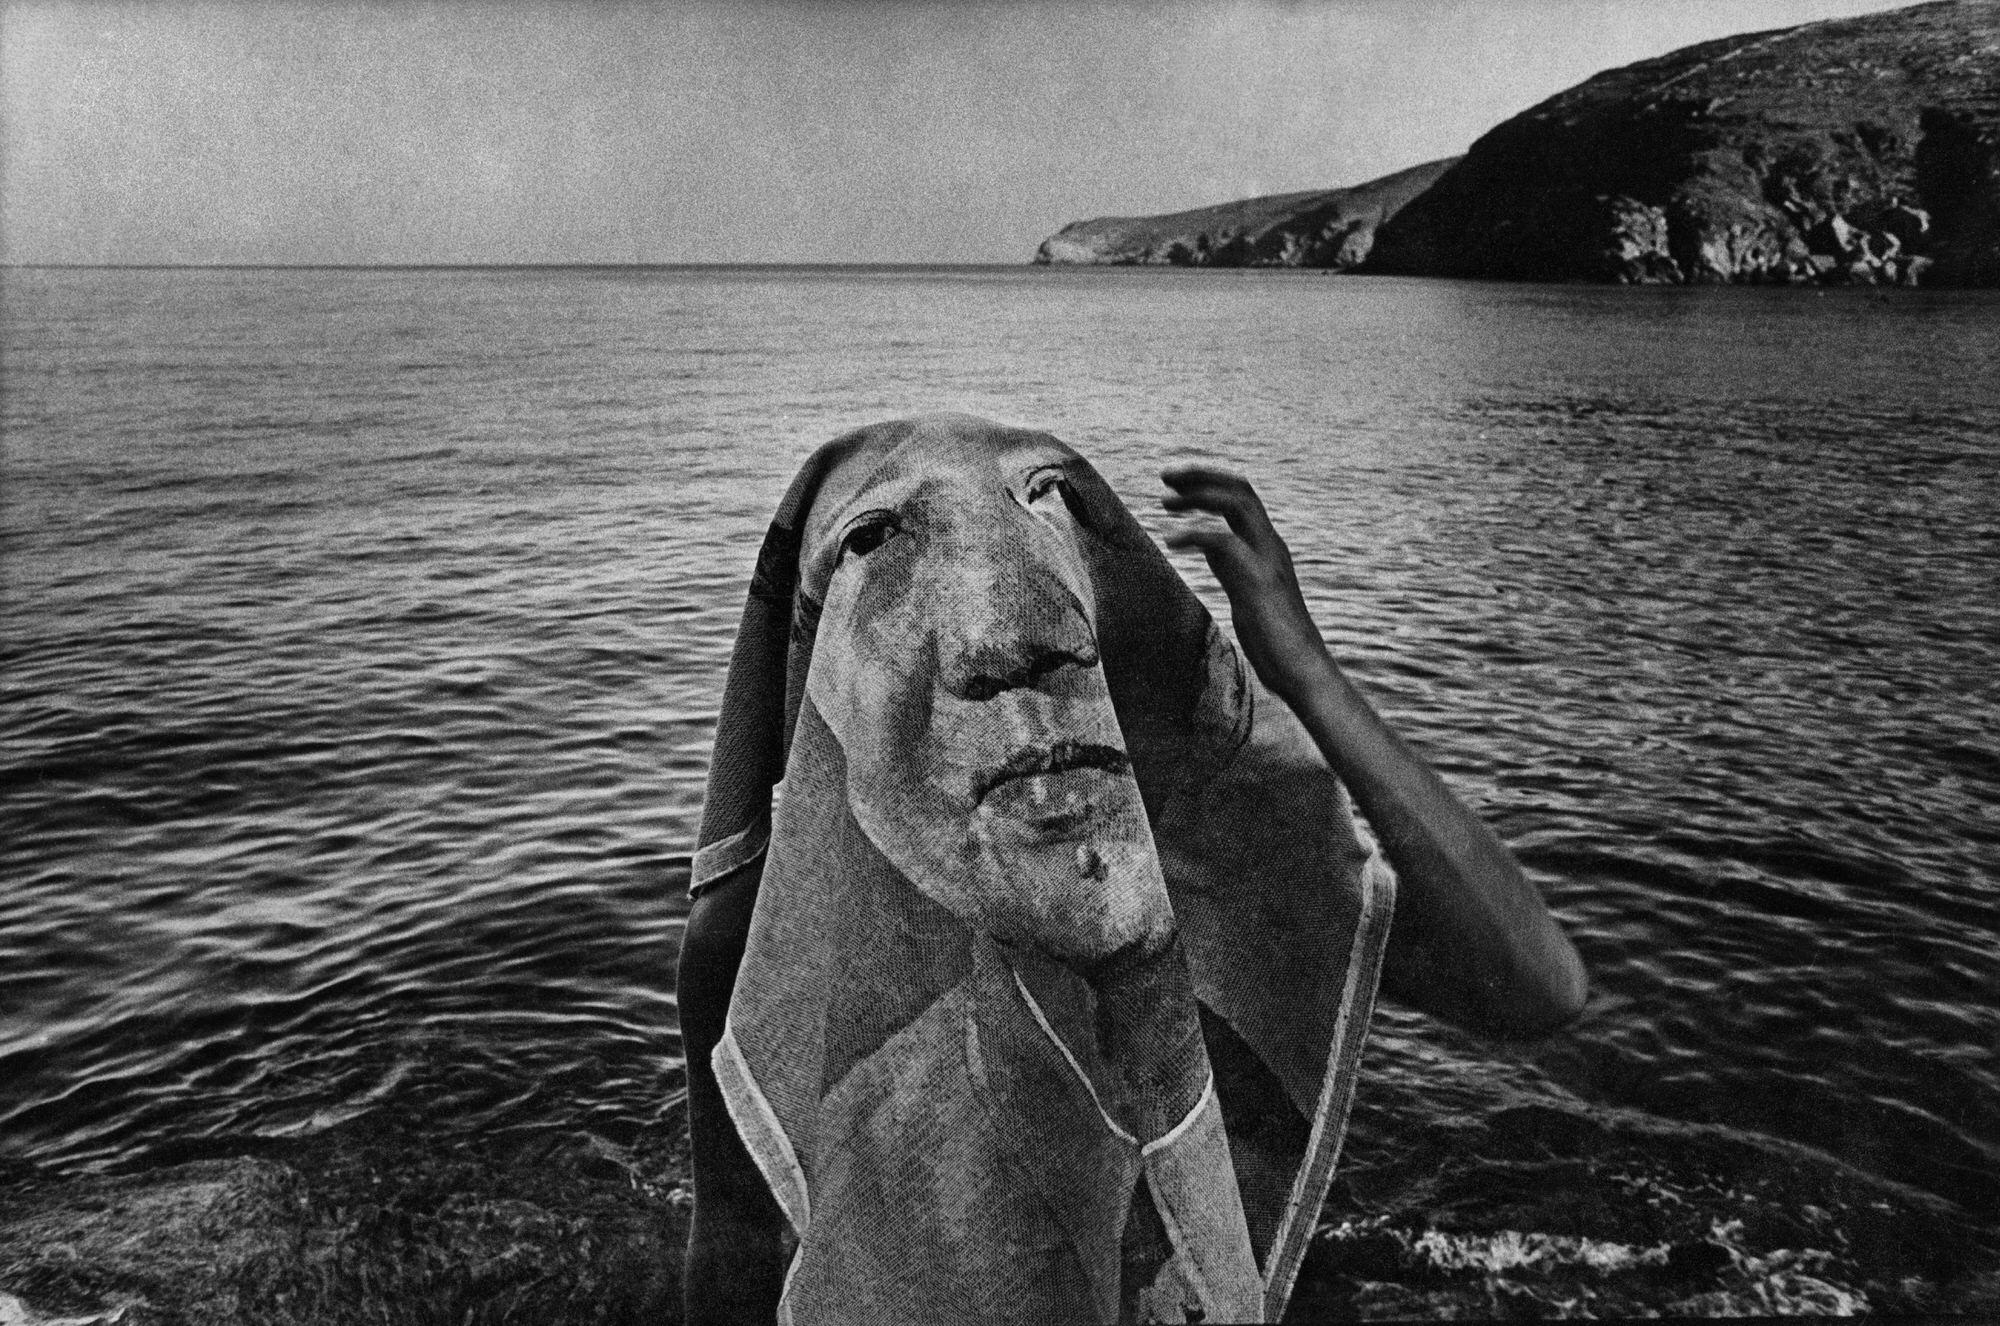 Alain Schroeder的黑白摄影